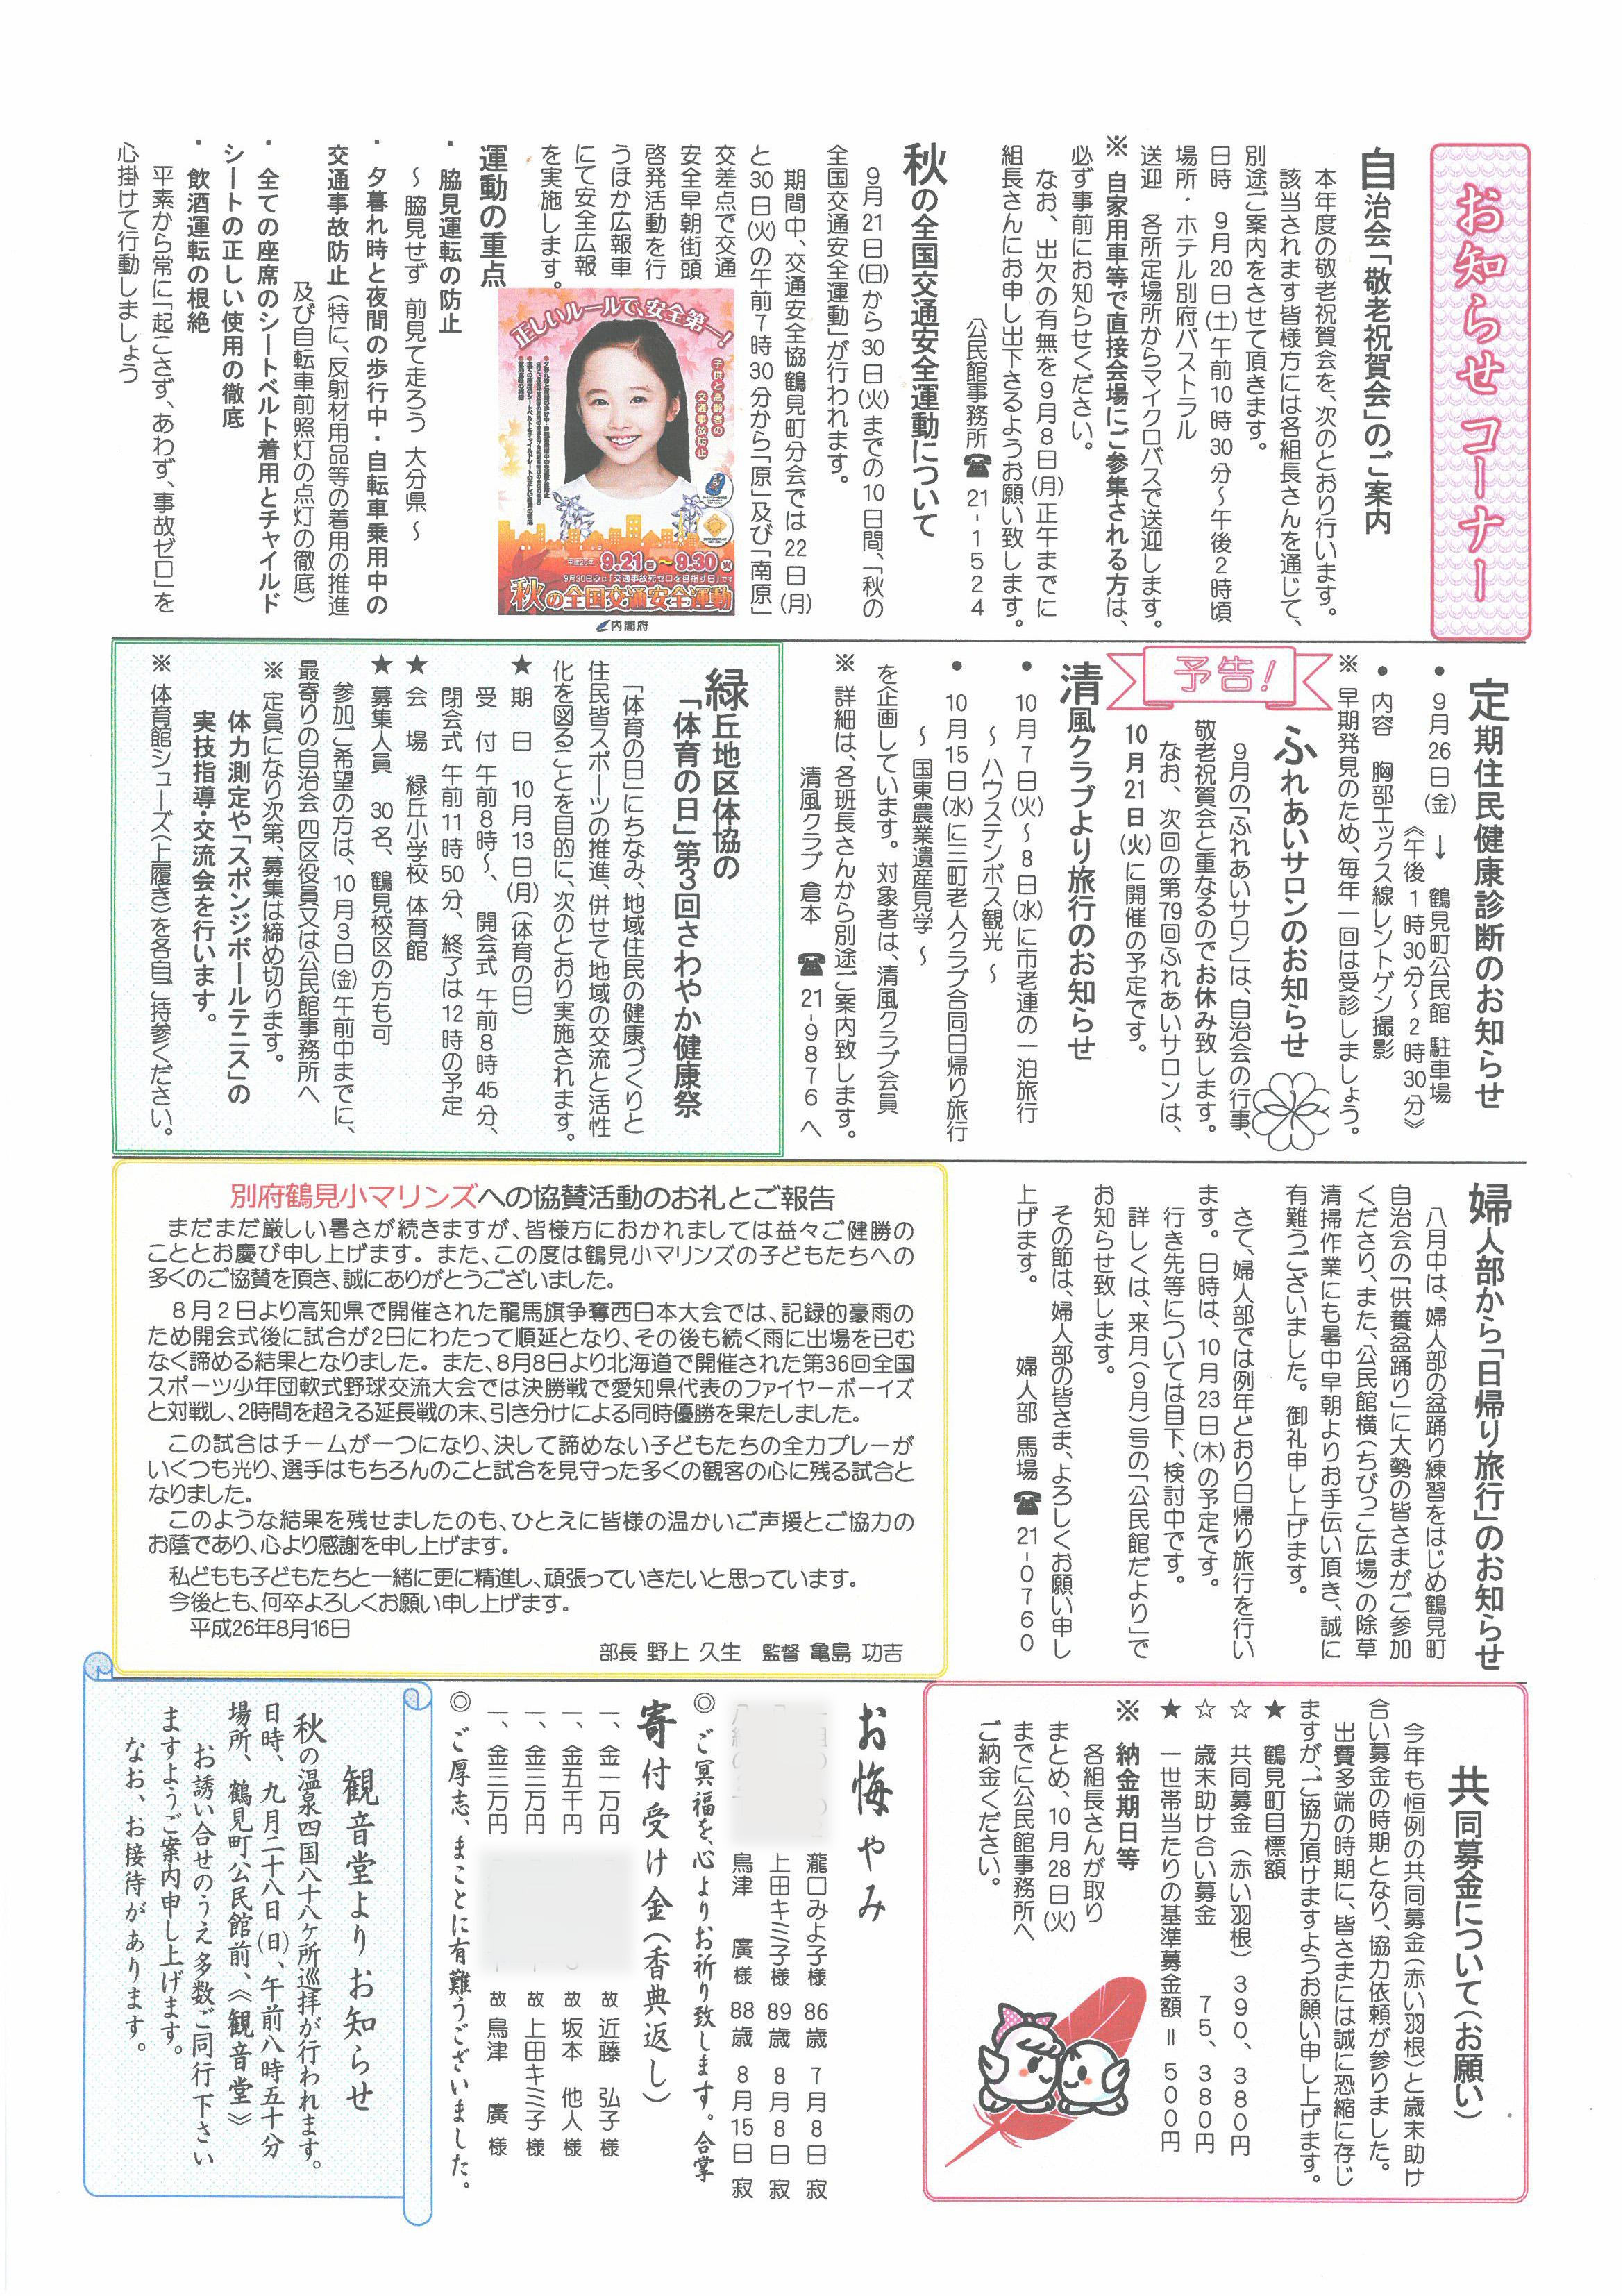 tsurumi2014_09_02